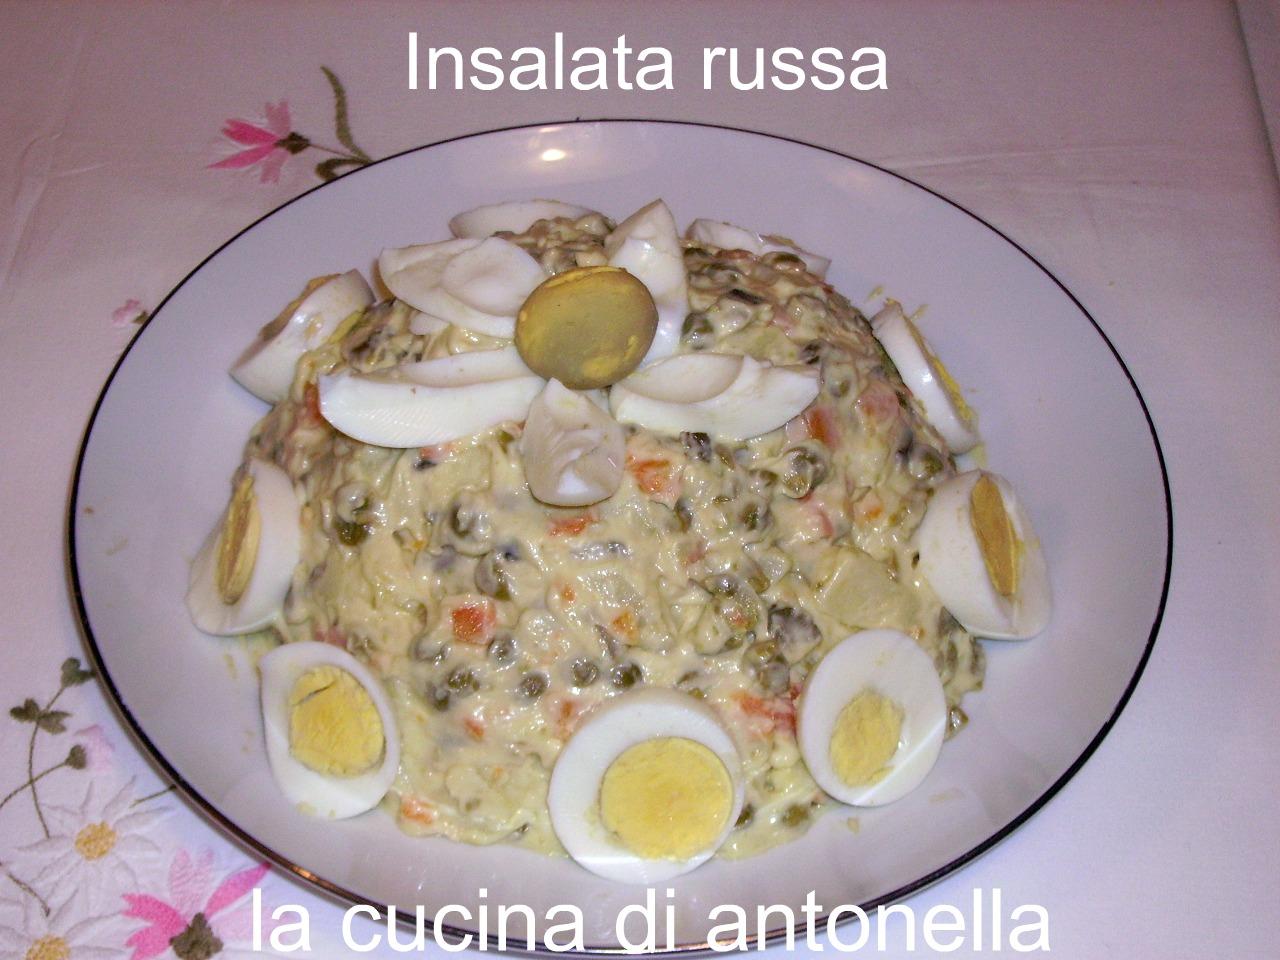 Ricetta Insalata Russa Pentola A Pressione.La Cucina Di Antonella Insalata Russa